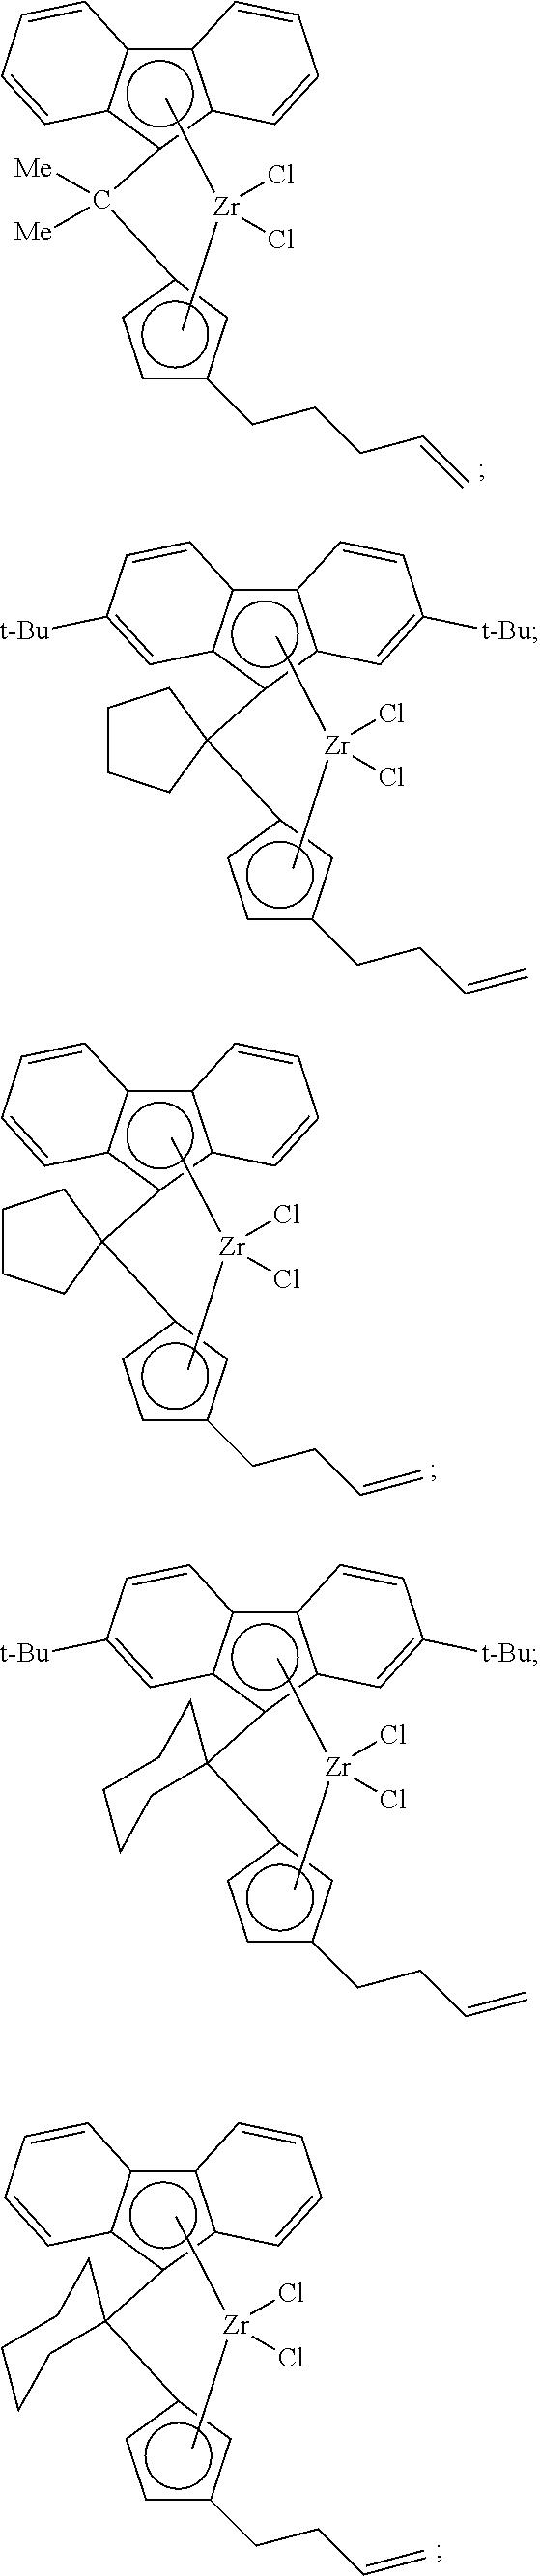 Figure US08501654-20130806-C00008